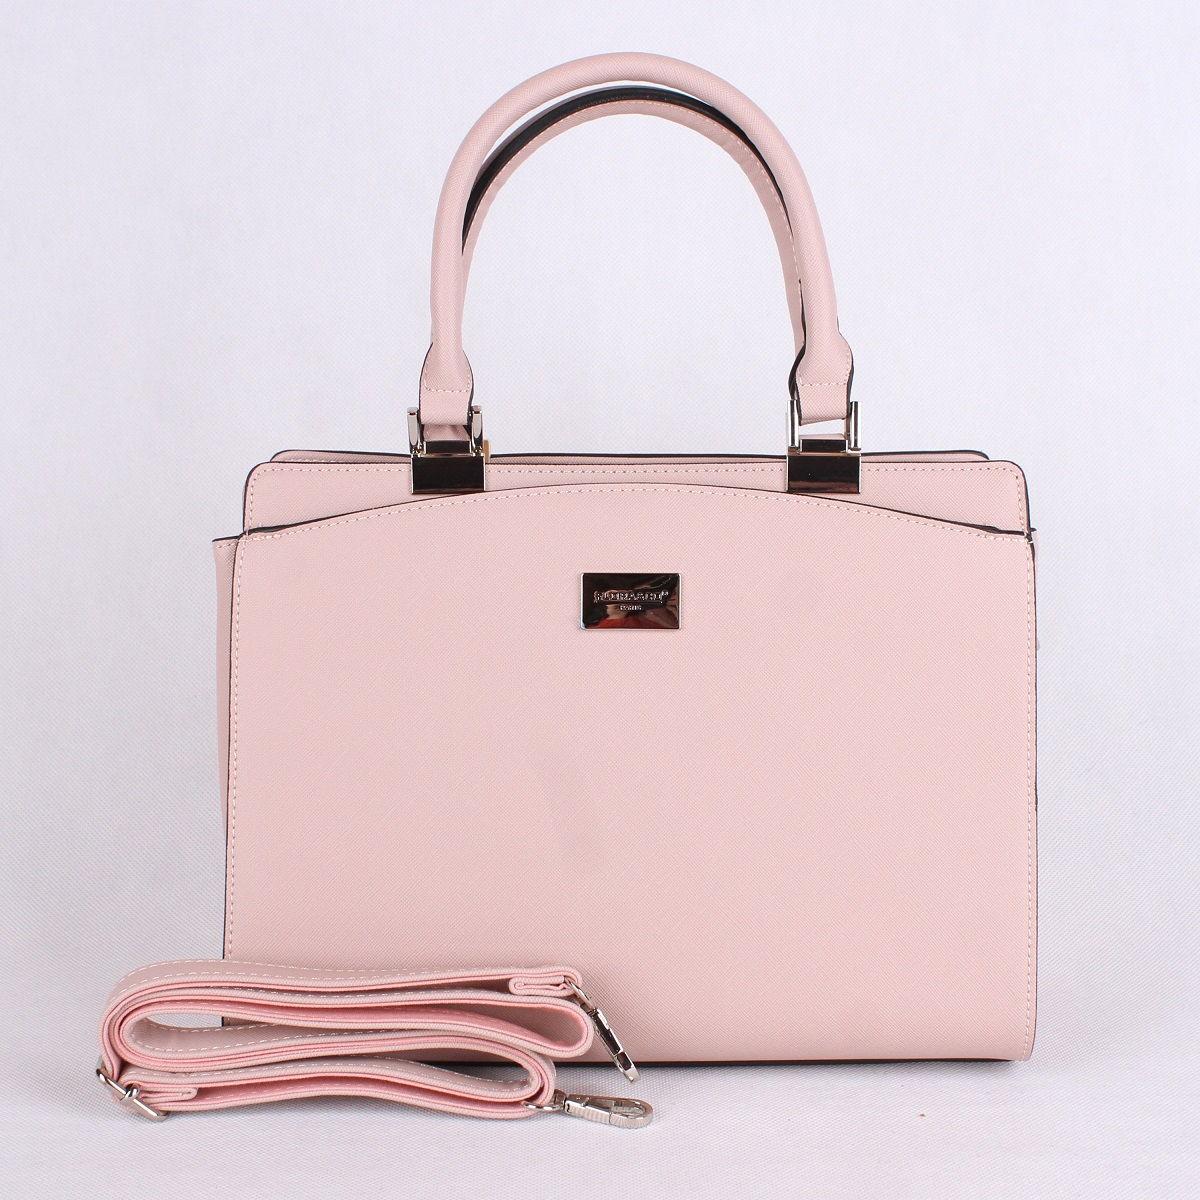 Elegantní kabelka FLORA&CO F6346 světlerůžová